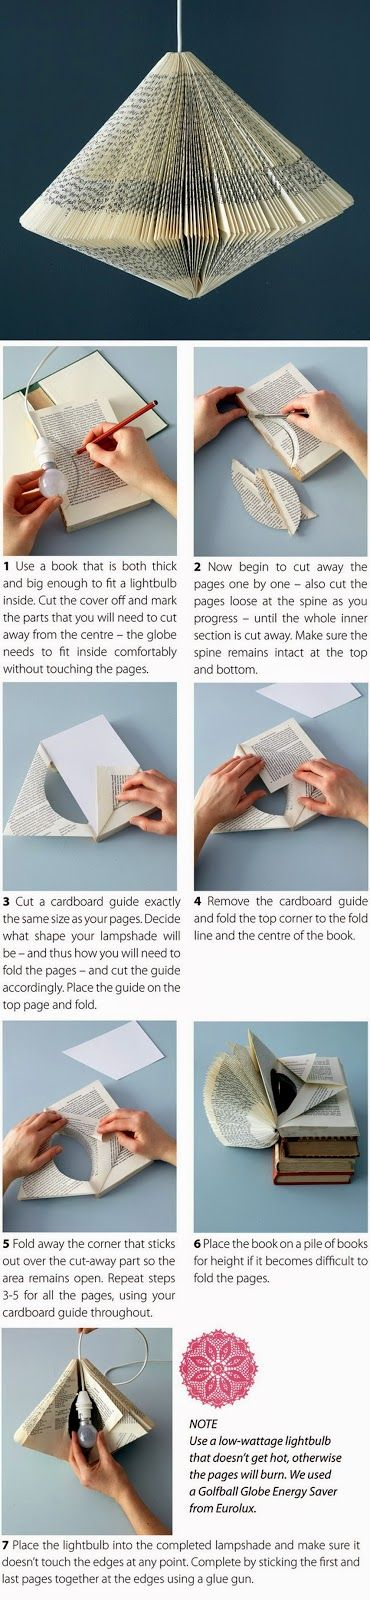 EL MUNDO DEL RECICLAJE: DIY lámpara reciclando un viejo libro